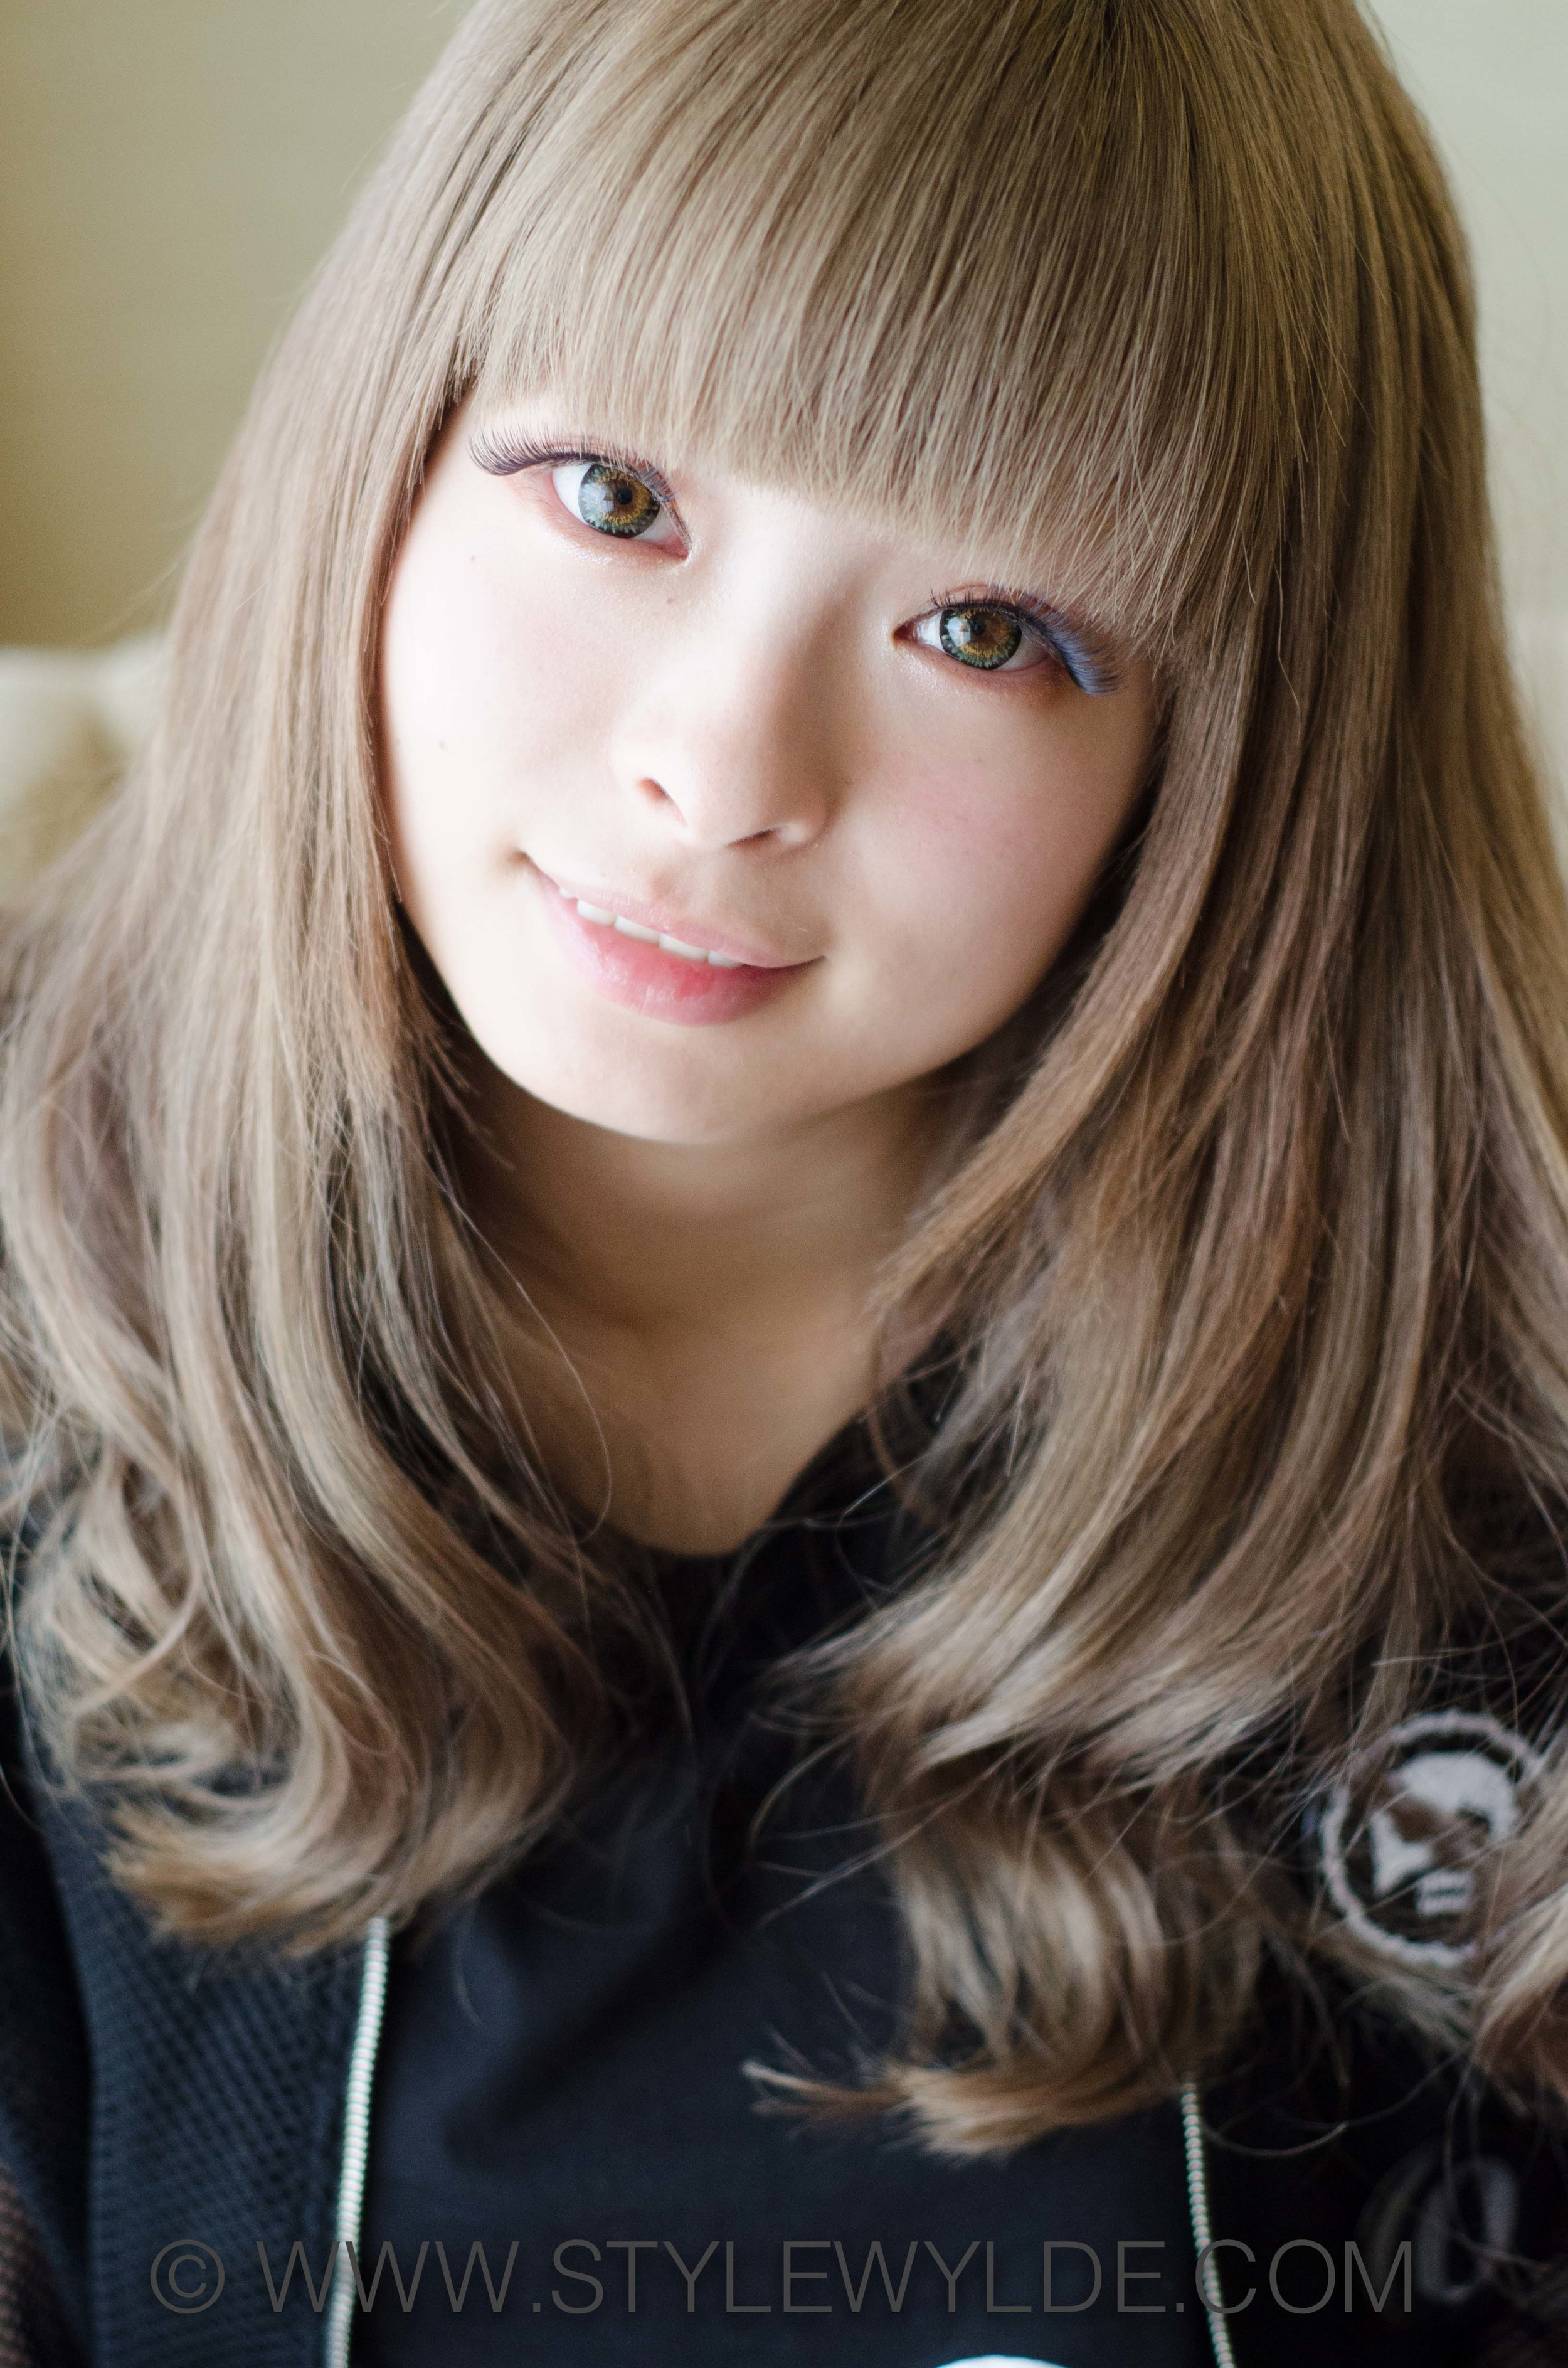 StyleWylde_KyaryPamyuPamyu_Exclusive_july13 (2 of 8).jpg